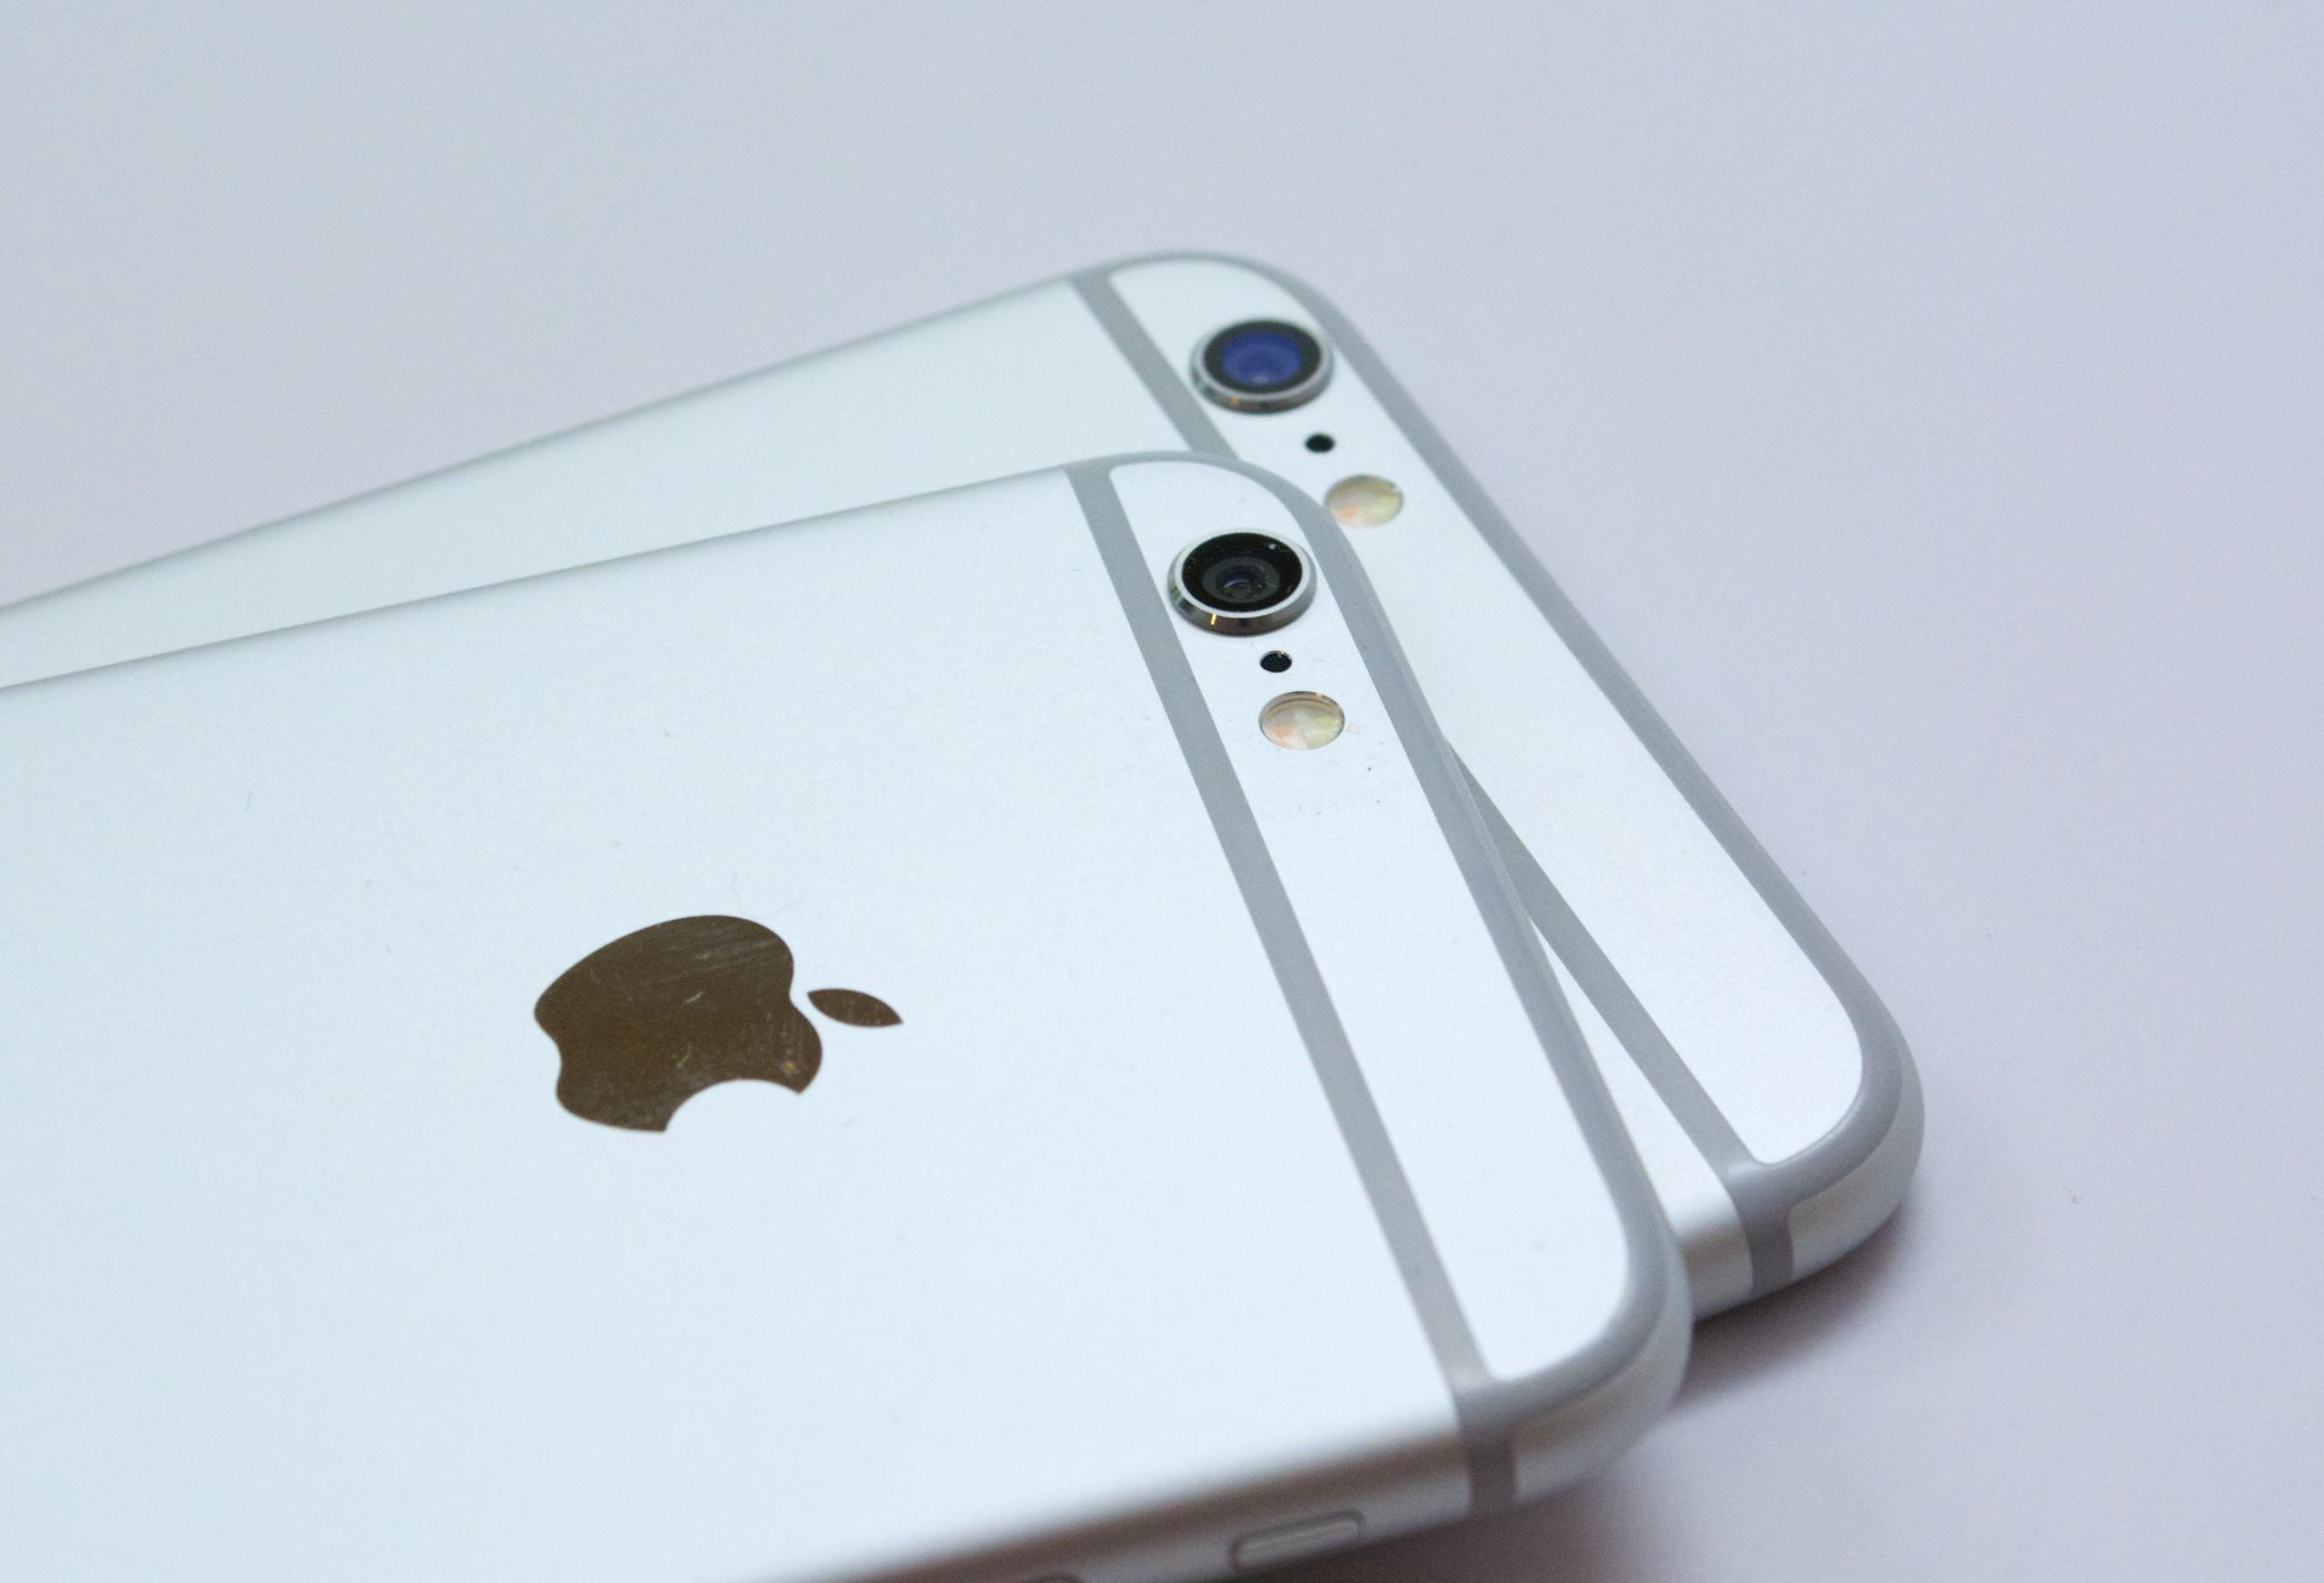 iPhone-6-1 12.17.18 PM